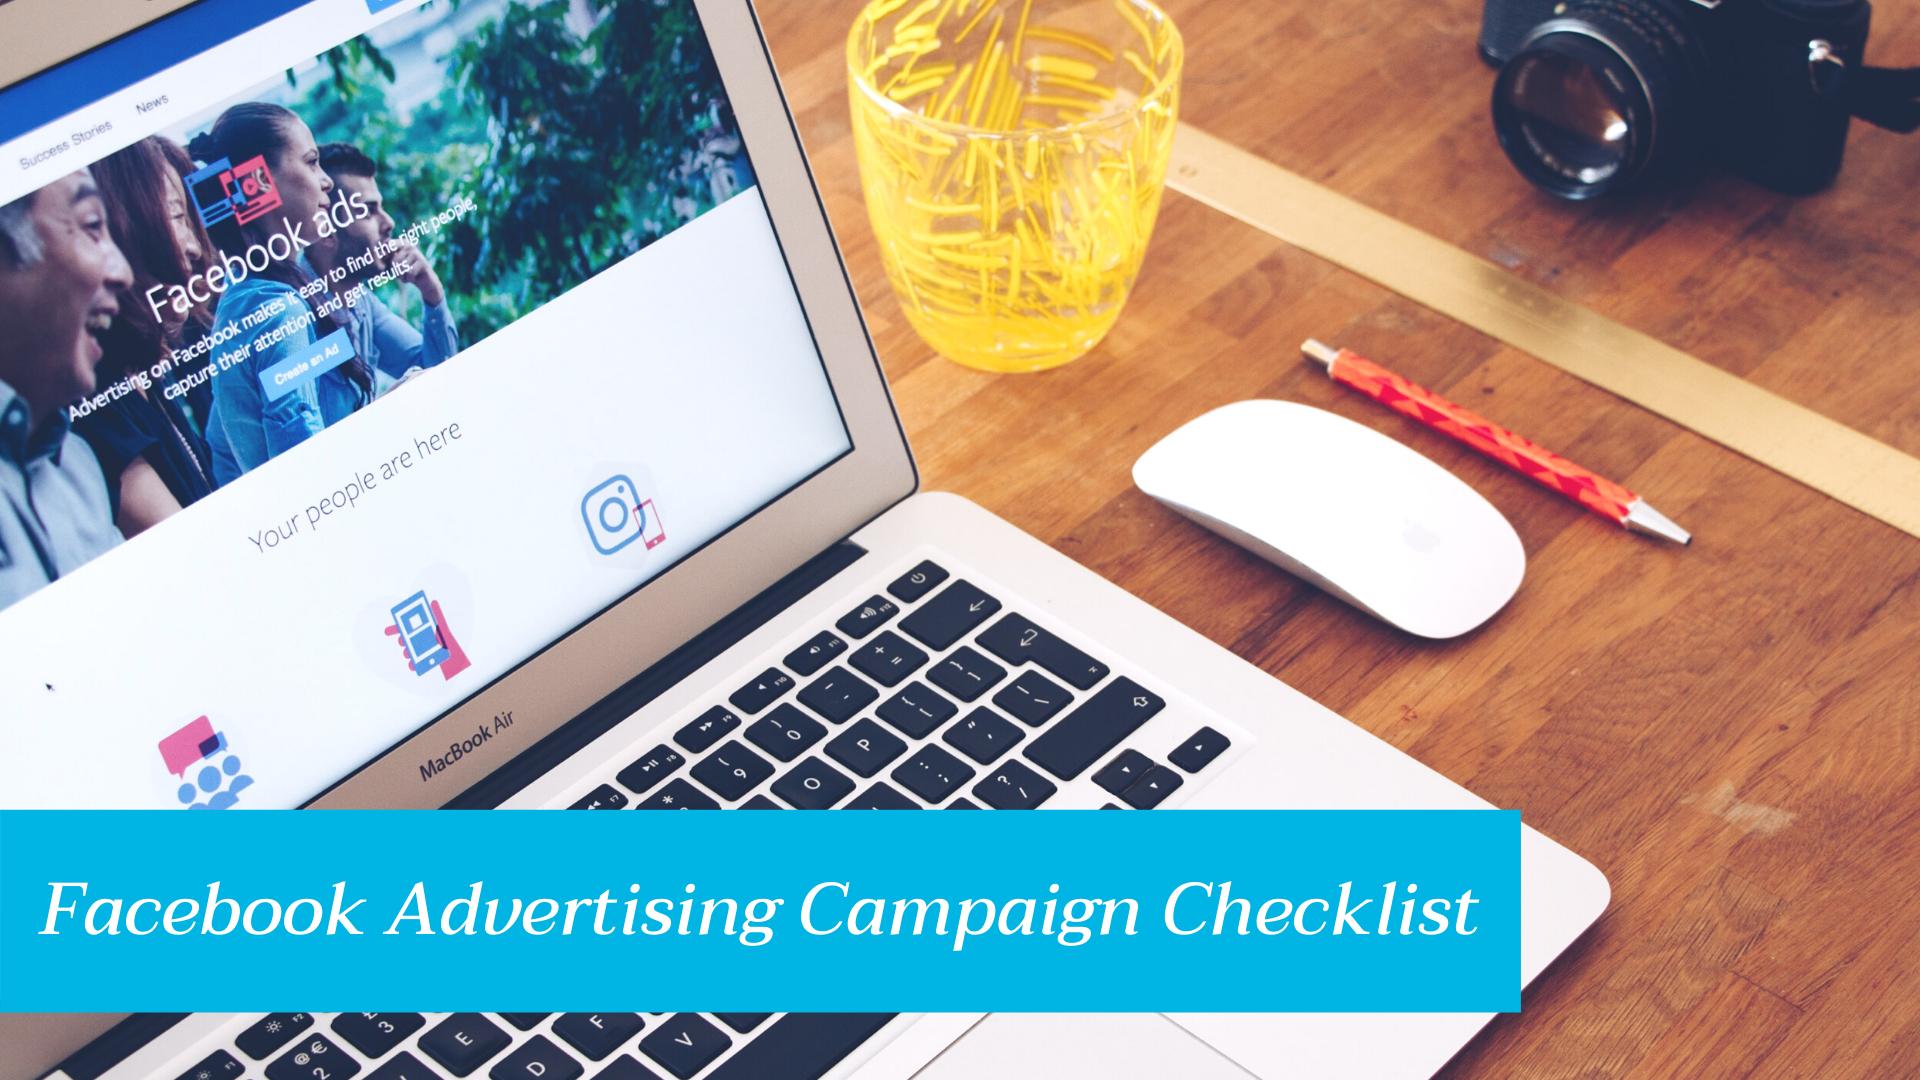 Facebook Advertising Campaign Checklist